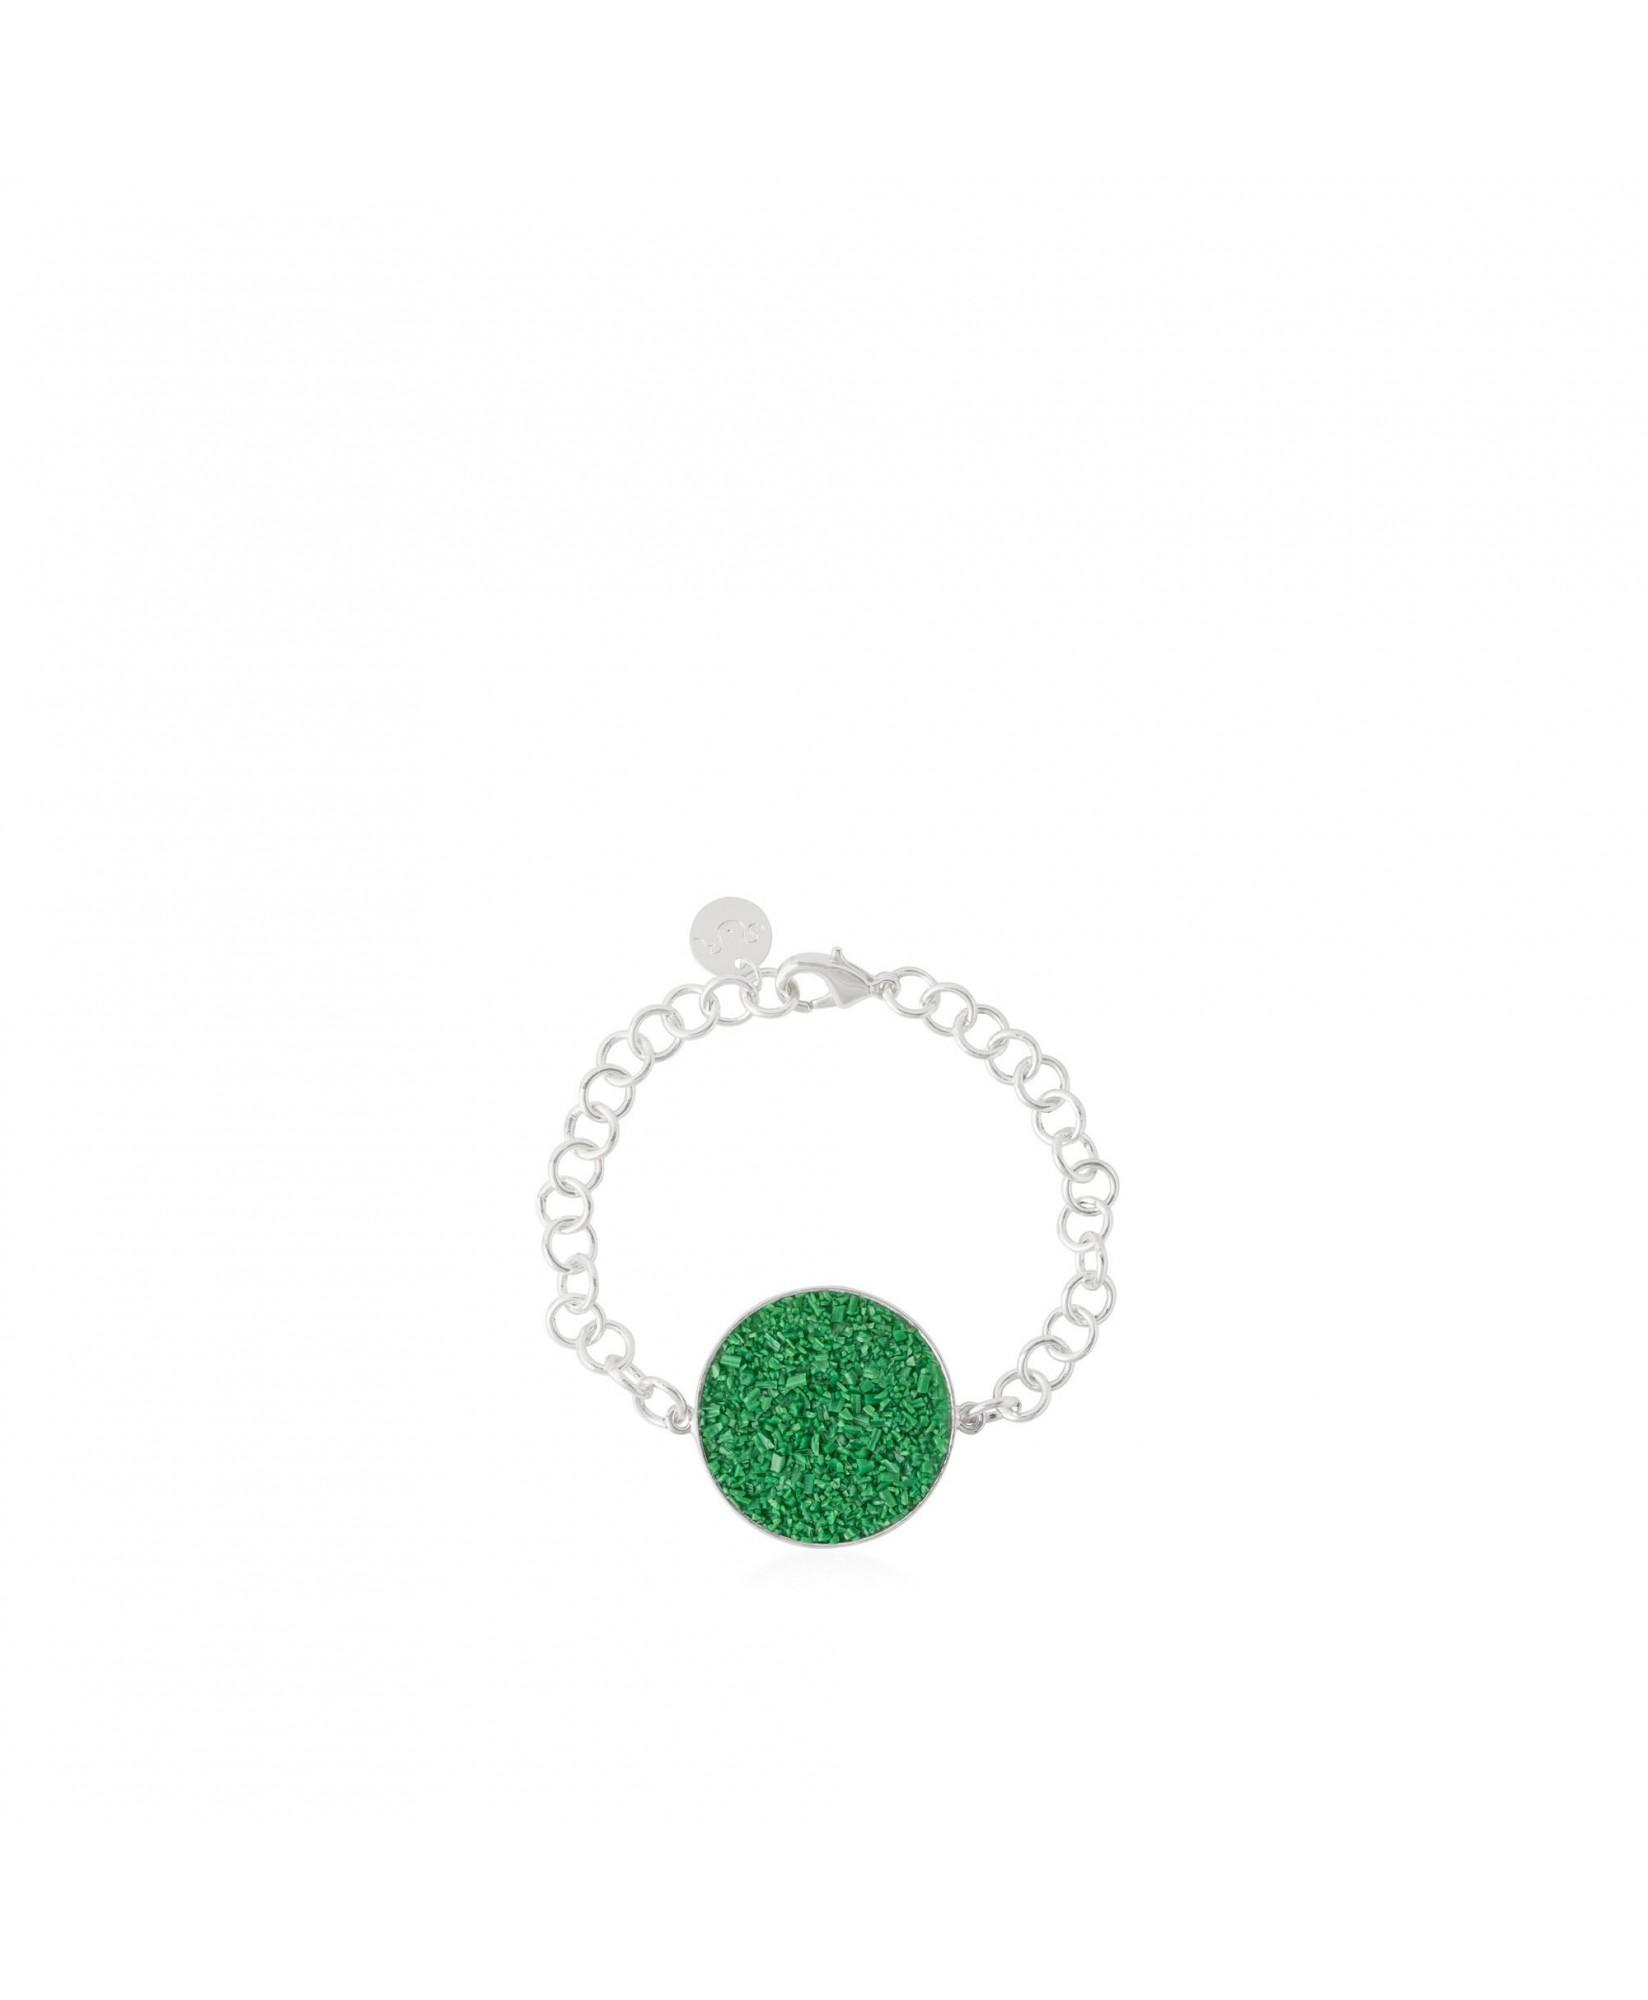 Pulsera en plata Demeter con nácar verde Pulsera en plata Demeter con nácar verde